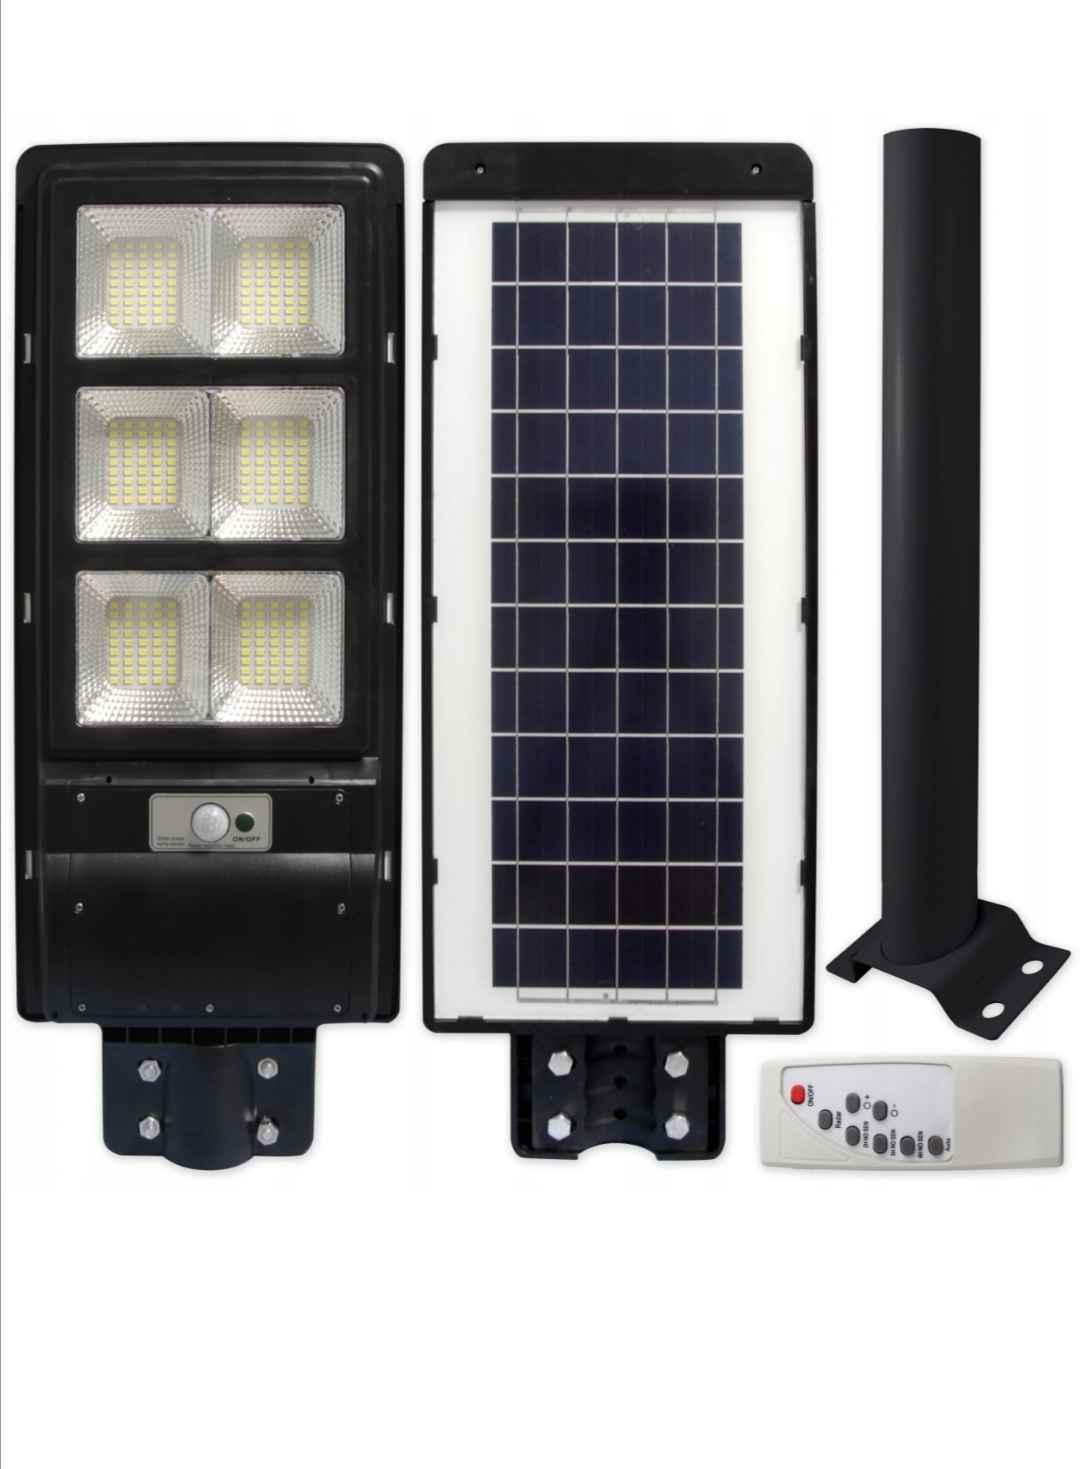 Lampy Solarne uliczne duze i male Konin - zdjęcie 3